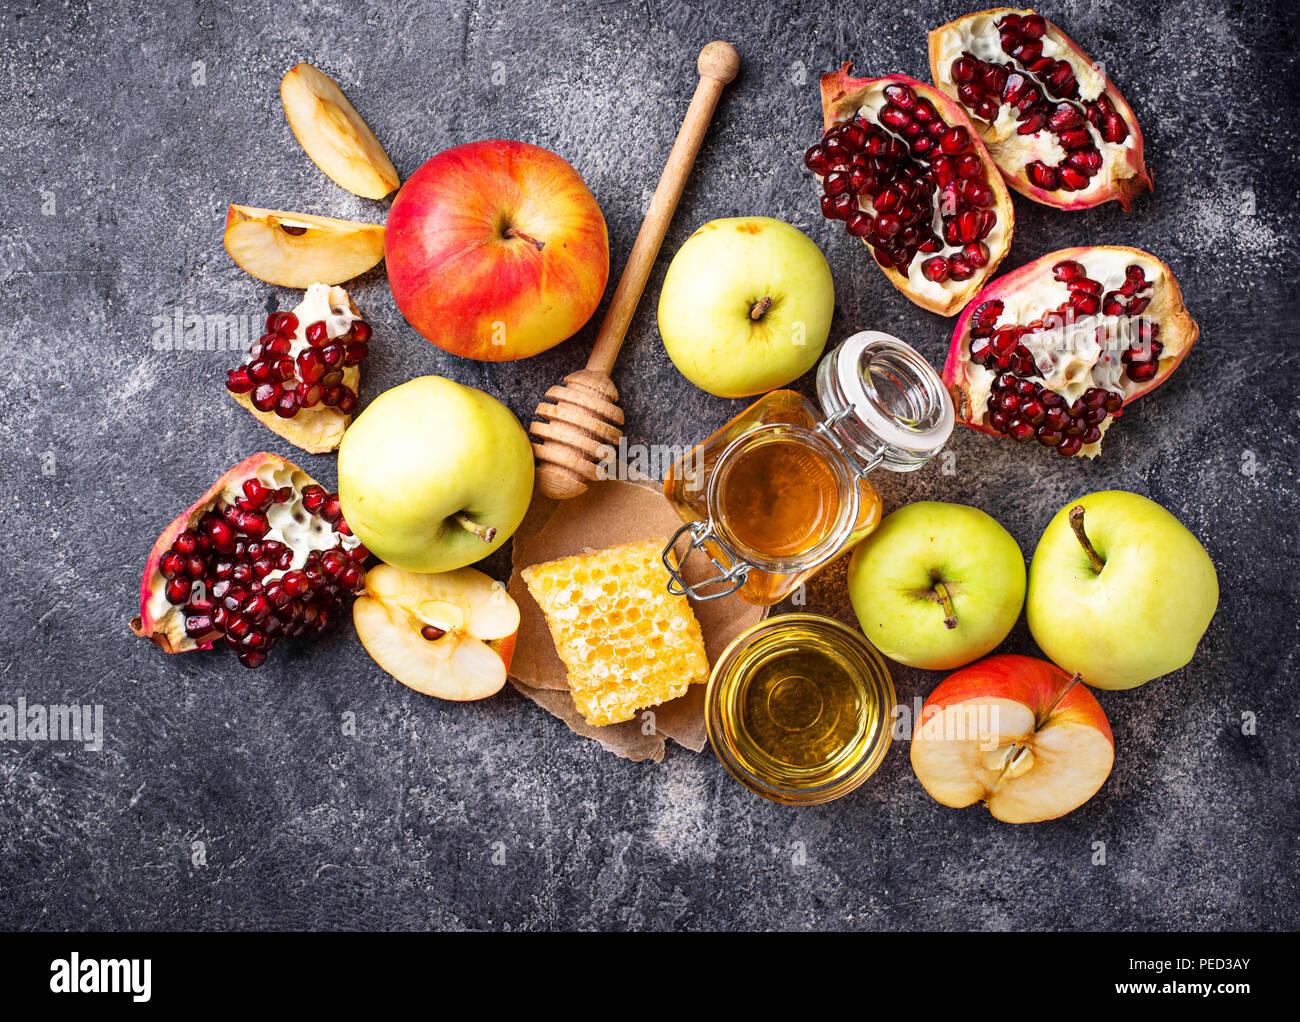 Le miel, la pomme et la grenade pour Rosh Hashana Photo Stock